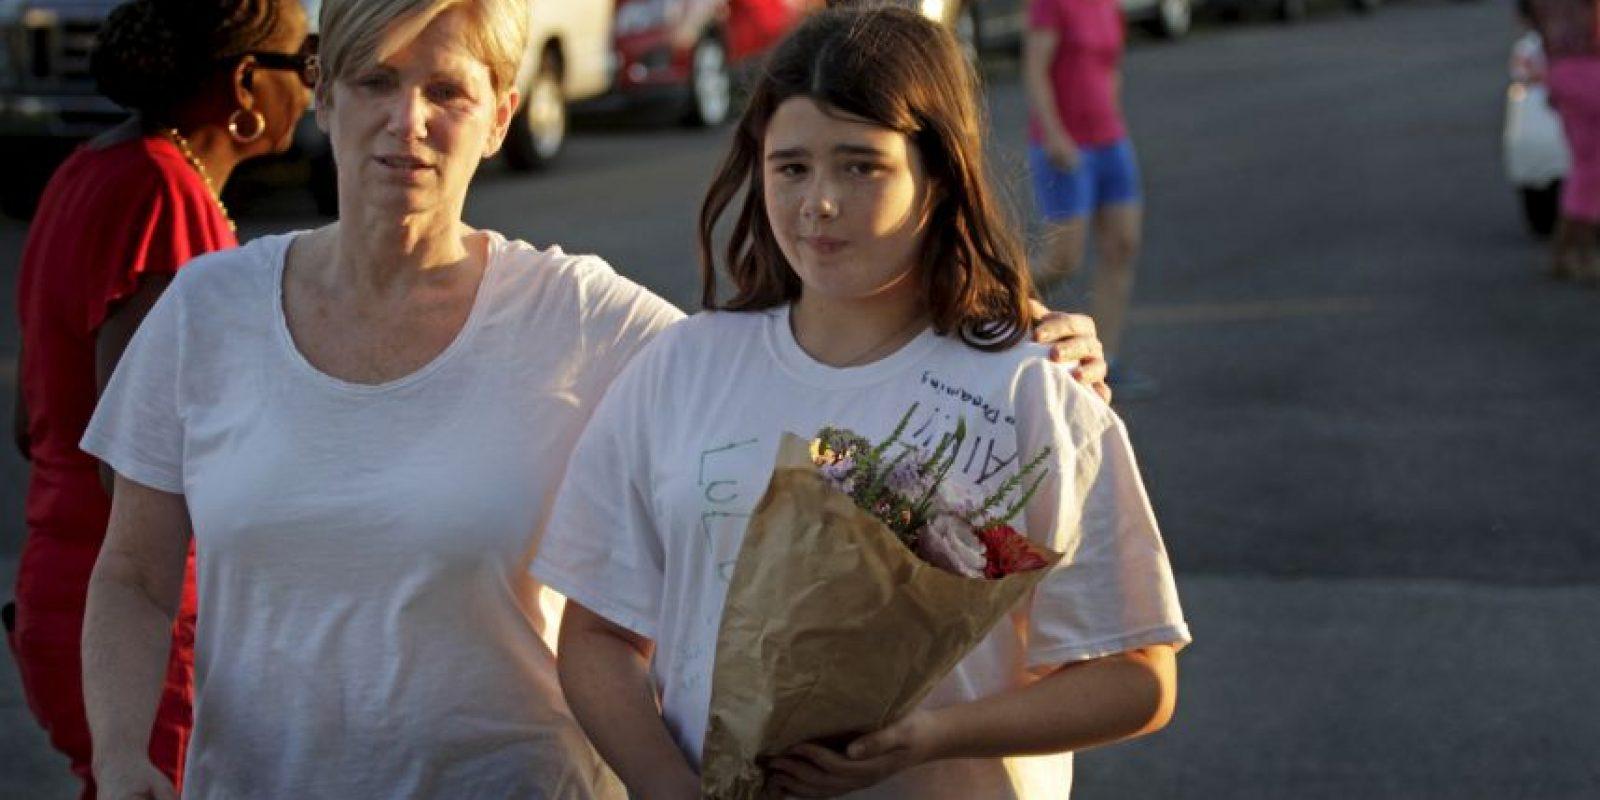 """Este ataque fue decisivo para Williams, quien aseguró: """"Las iniciales de las víctimas están escritas en mis balas"""". Foto:Getty Images"""